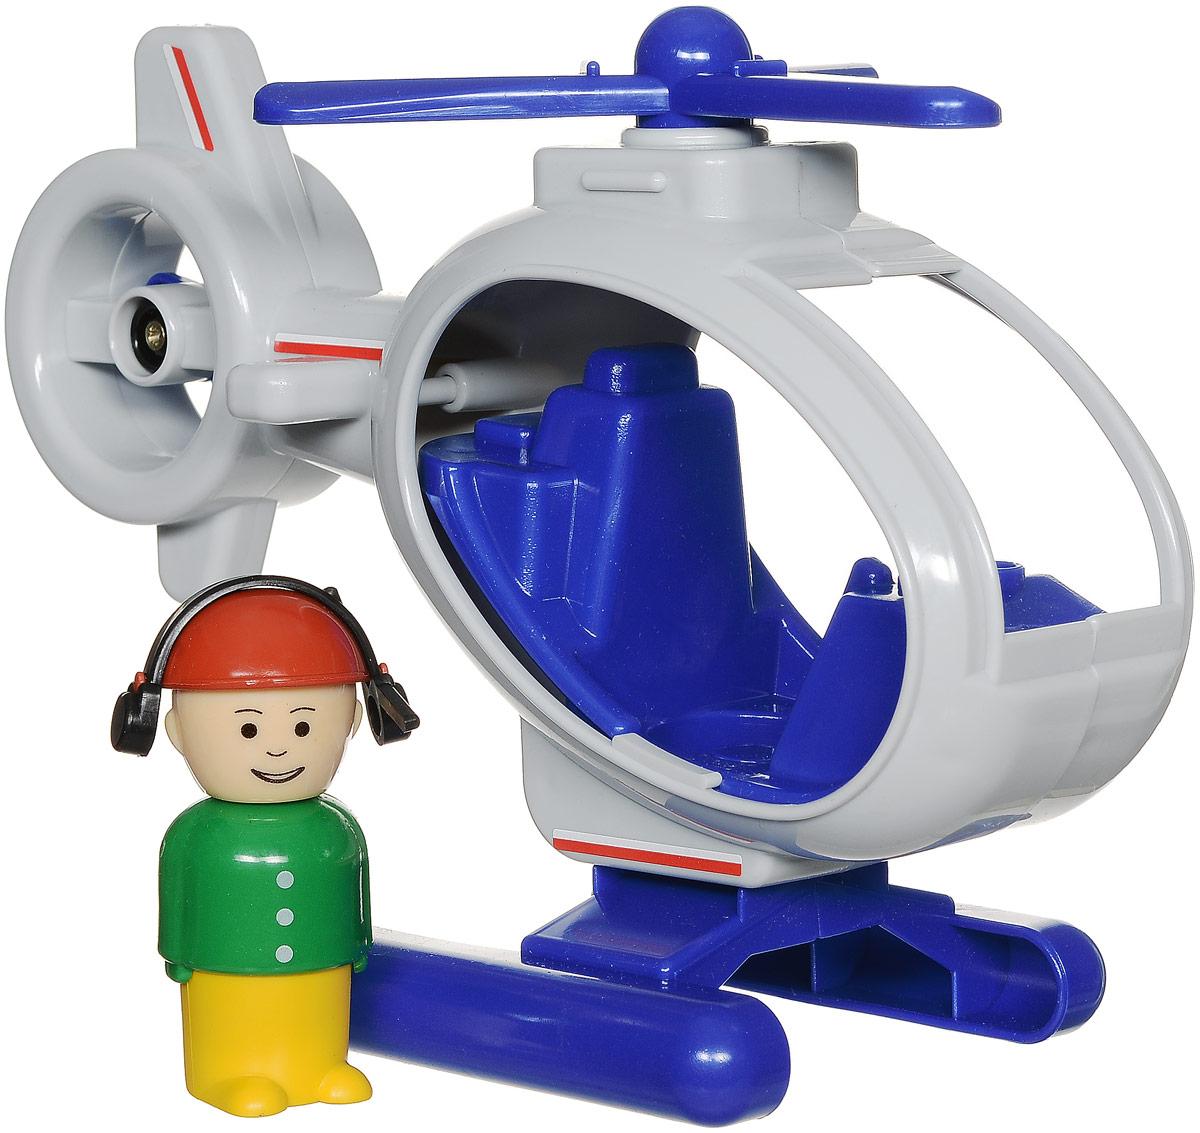 Форма Вертолет Детский сад цвет светло-серыйС-122-Ф_белыйВертолет Форма Детский сад - это оригинальная игрушка, изготовленная из качественного материала. Основной и хвостовой пропеллеры вращаются. В комплекте с вертолетом имеется фигурка пилота. Пилот в ярко-зеленой курточке и желтых брючках. Фигурку можно вынуть из вертолета и играть с ней отдельно. Округлые формы и отсутствие острых углов позволят играть с вертолетом даже самым маленьким детишкам. Интересная форма и движущиеся элементы принесут массу радостных эмоций малышку!